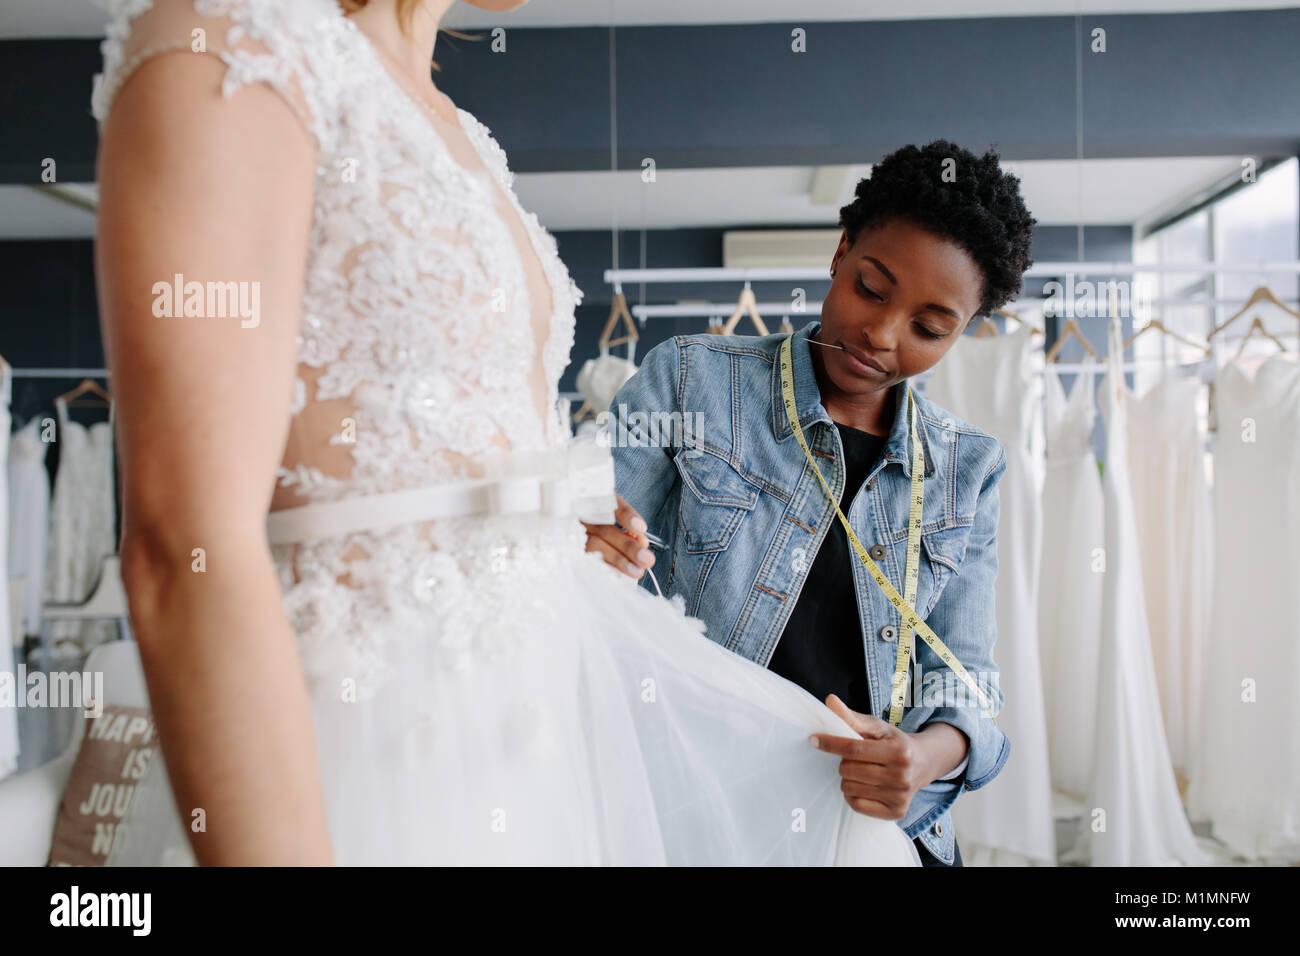 Concepteur de robe de mariage professionnel pose nuptiale de robe de femme dans son magasin. Femme d'effectuer Photo Stock